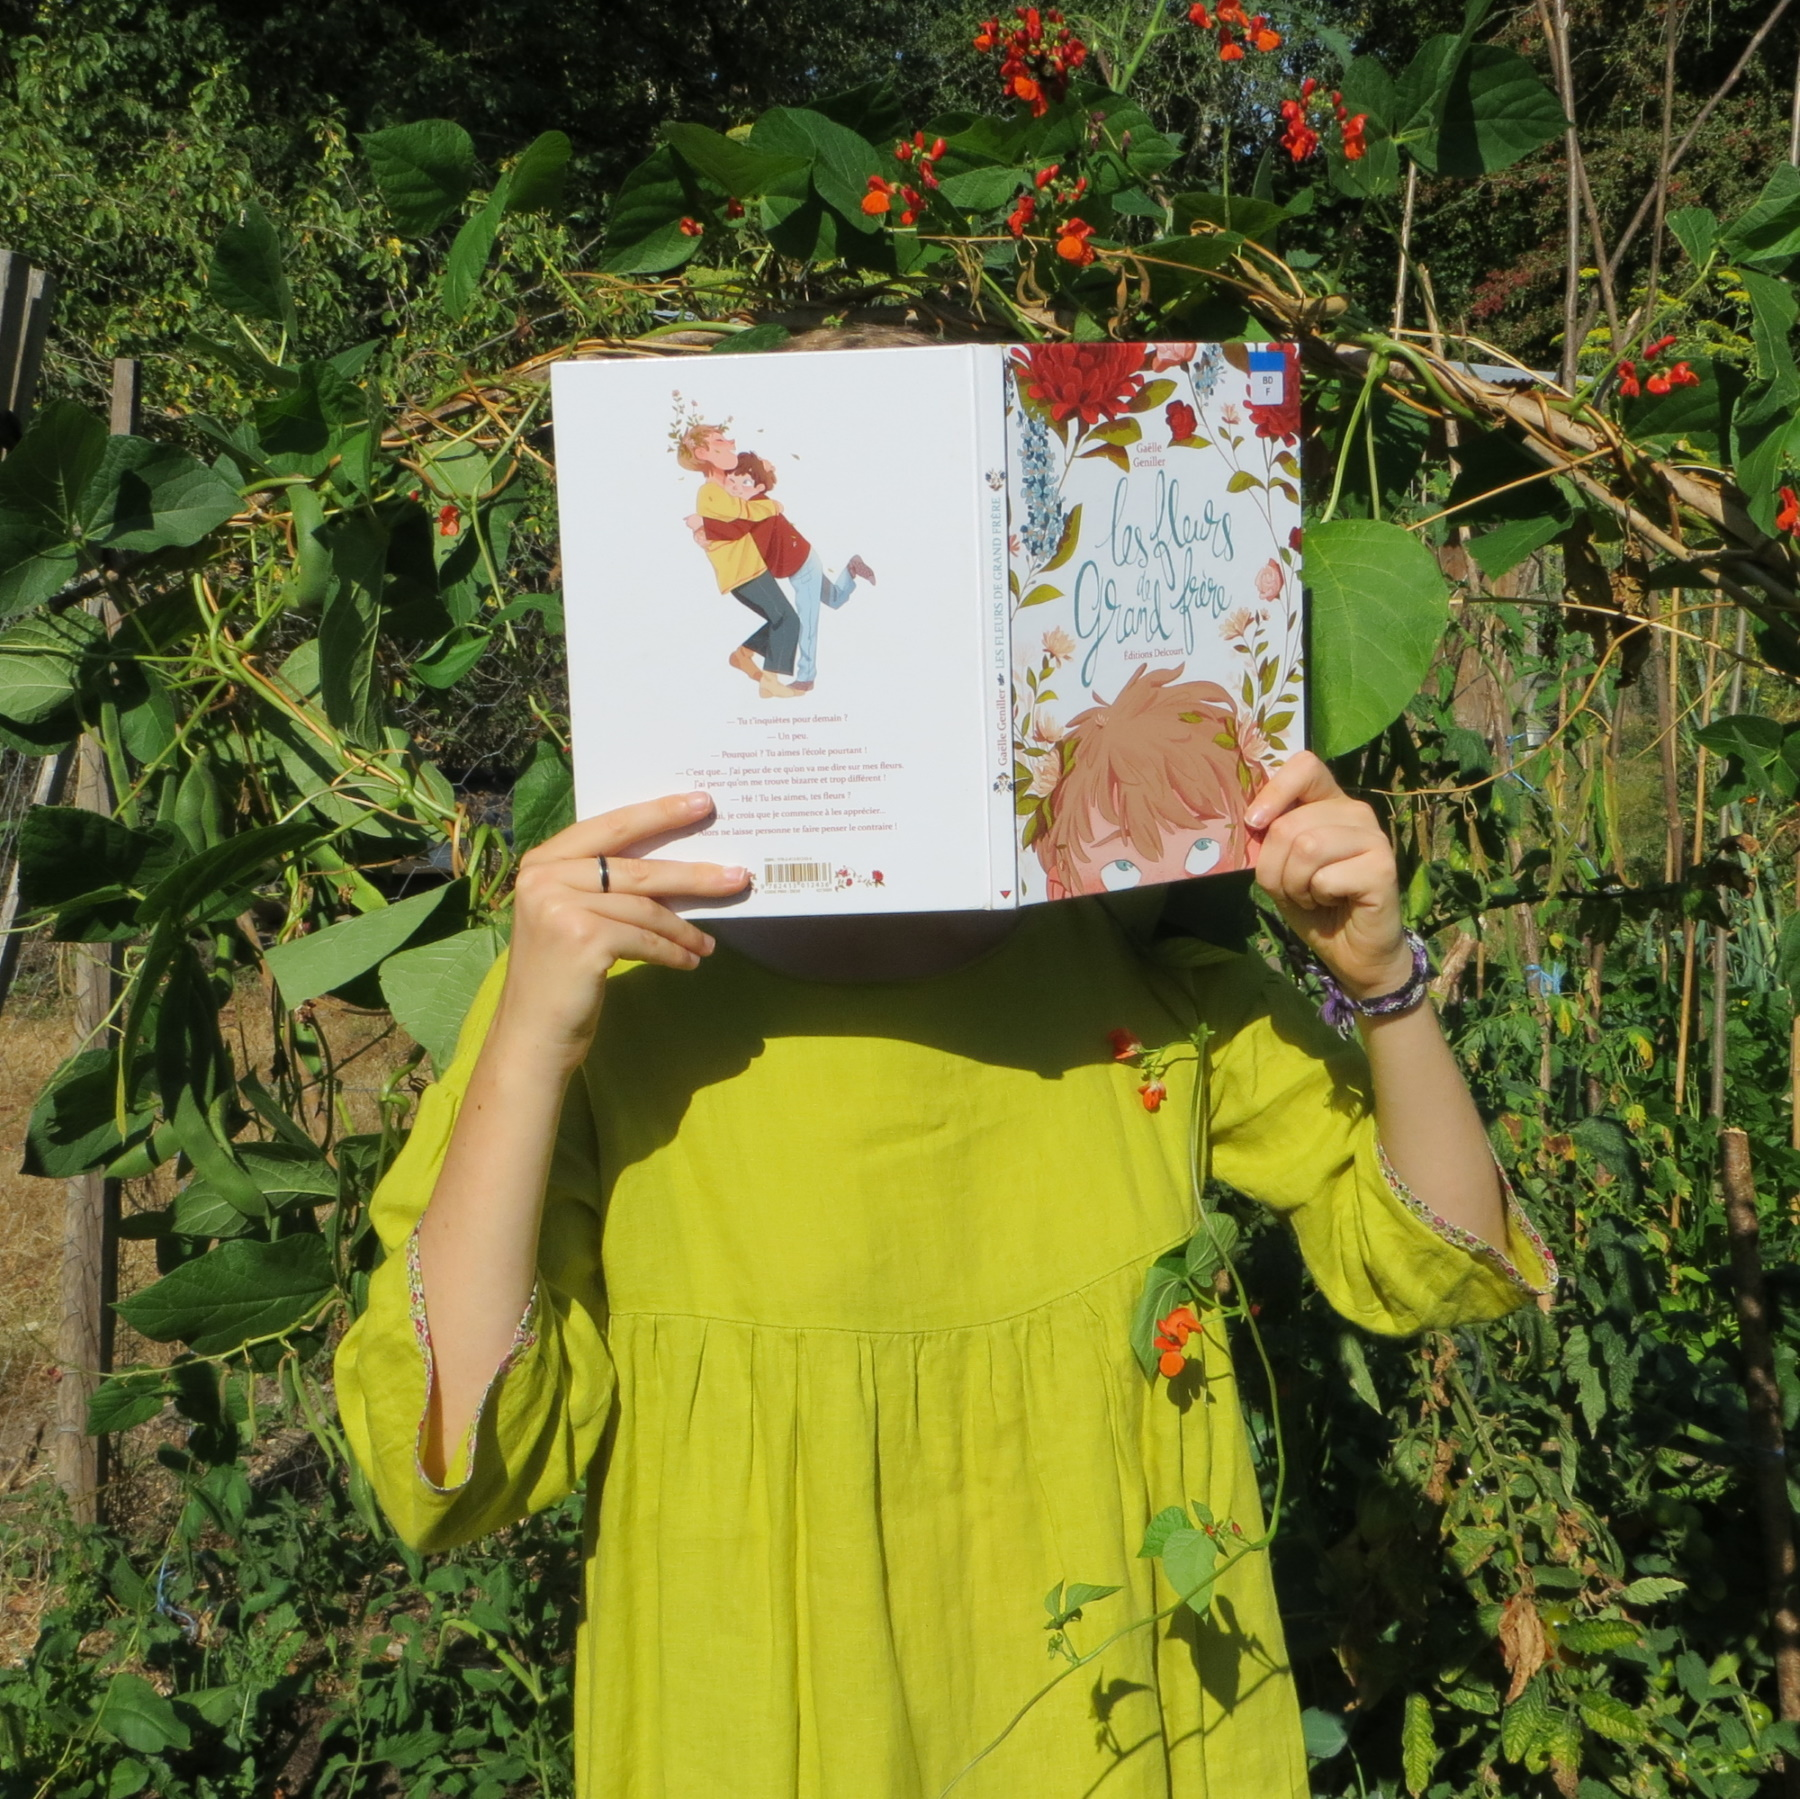 personne en tunique verte lisant Les fleurs de grand-frère de Gaëlle Geniller entourée de plantes grimpantes